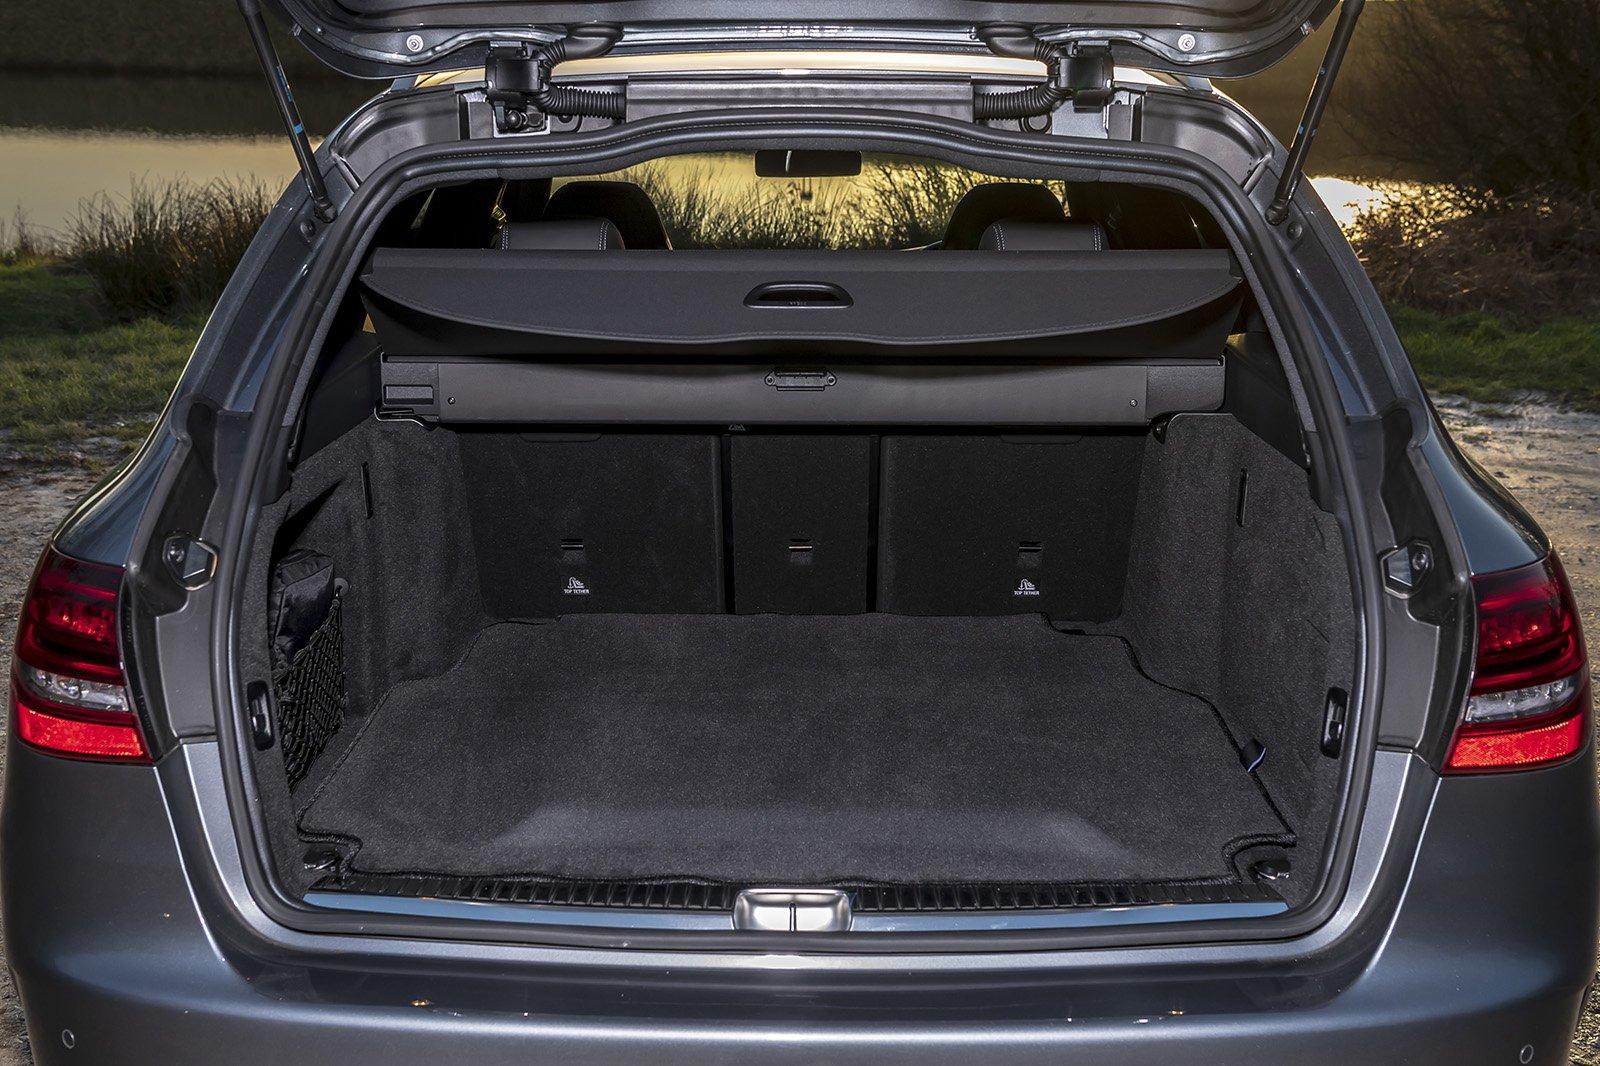 Mercedes-AMG C63 Estate boot